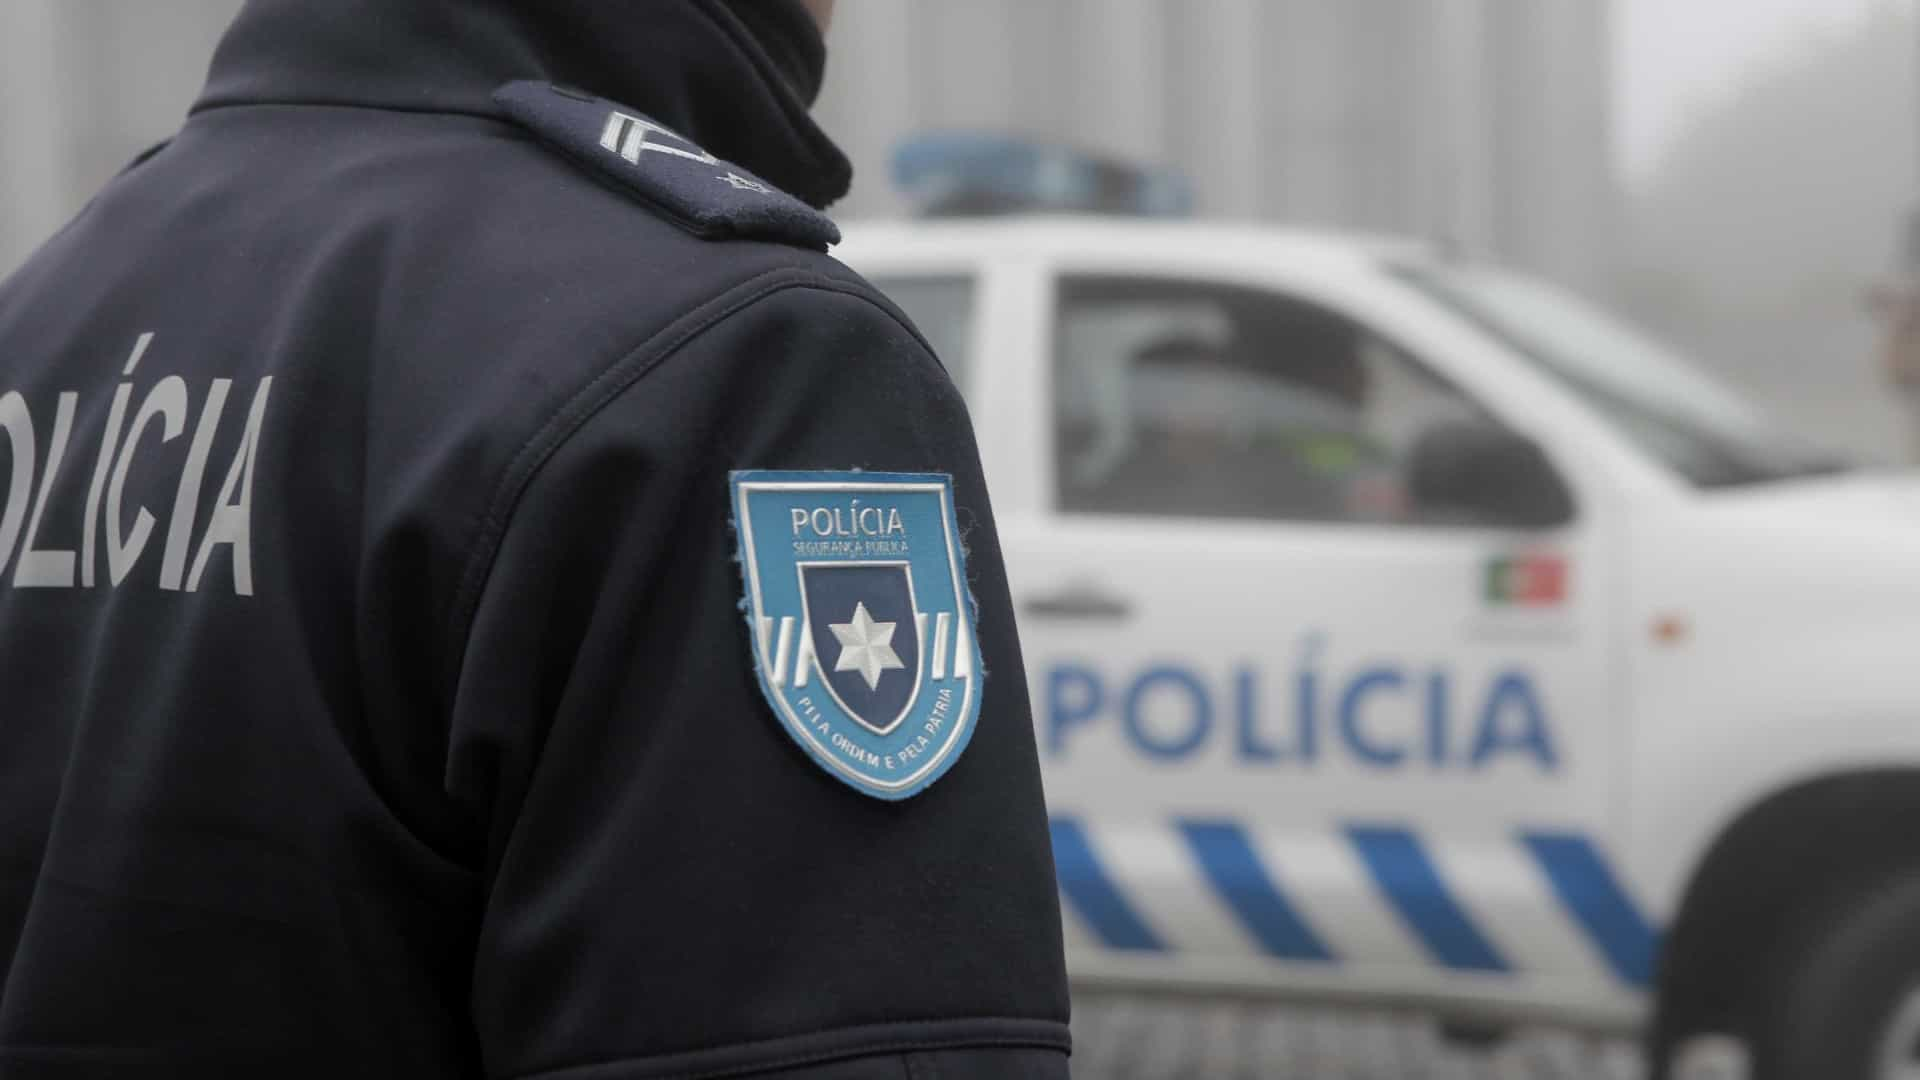 Homem de nacionalidade alemã encontrado morto em residência em Chaves